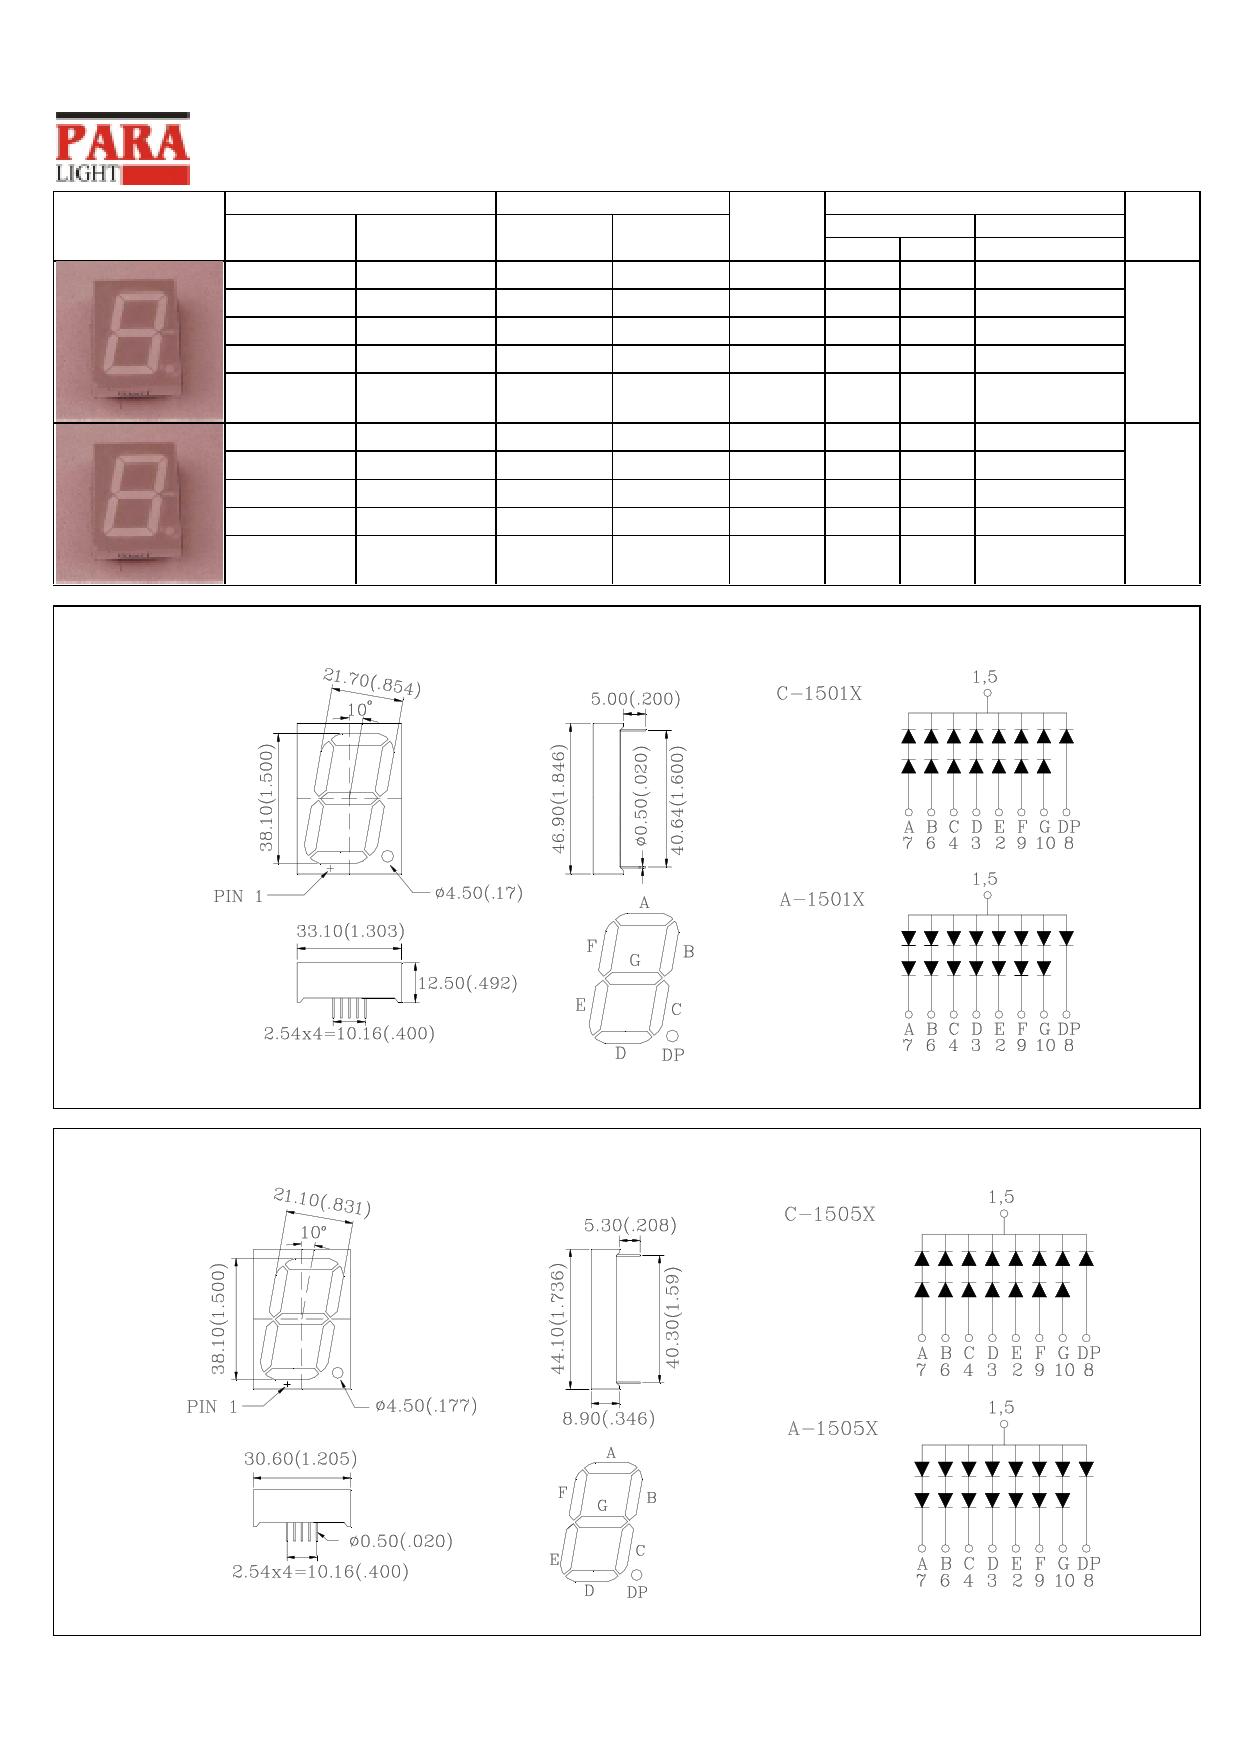 C-1501G datasheet